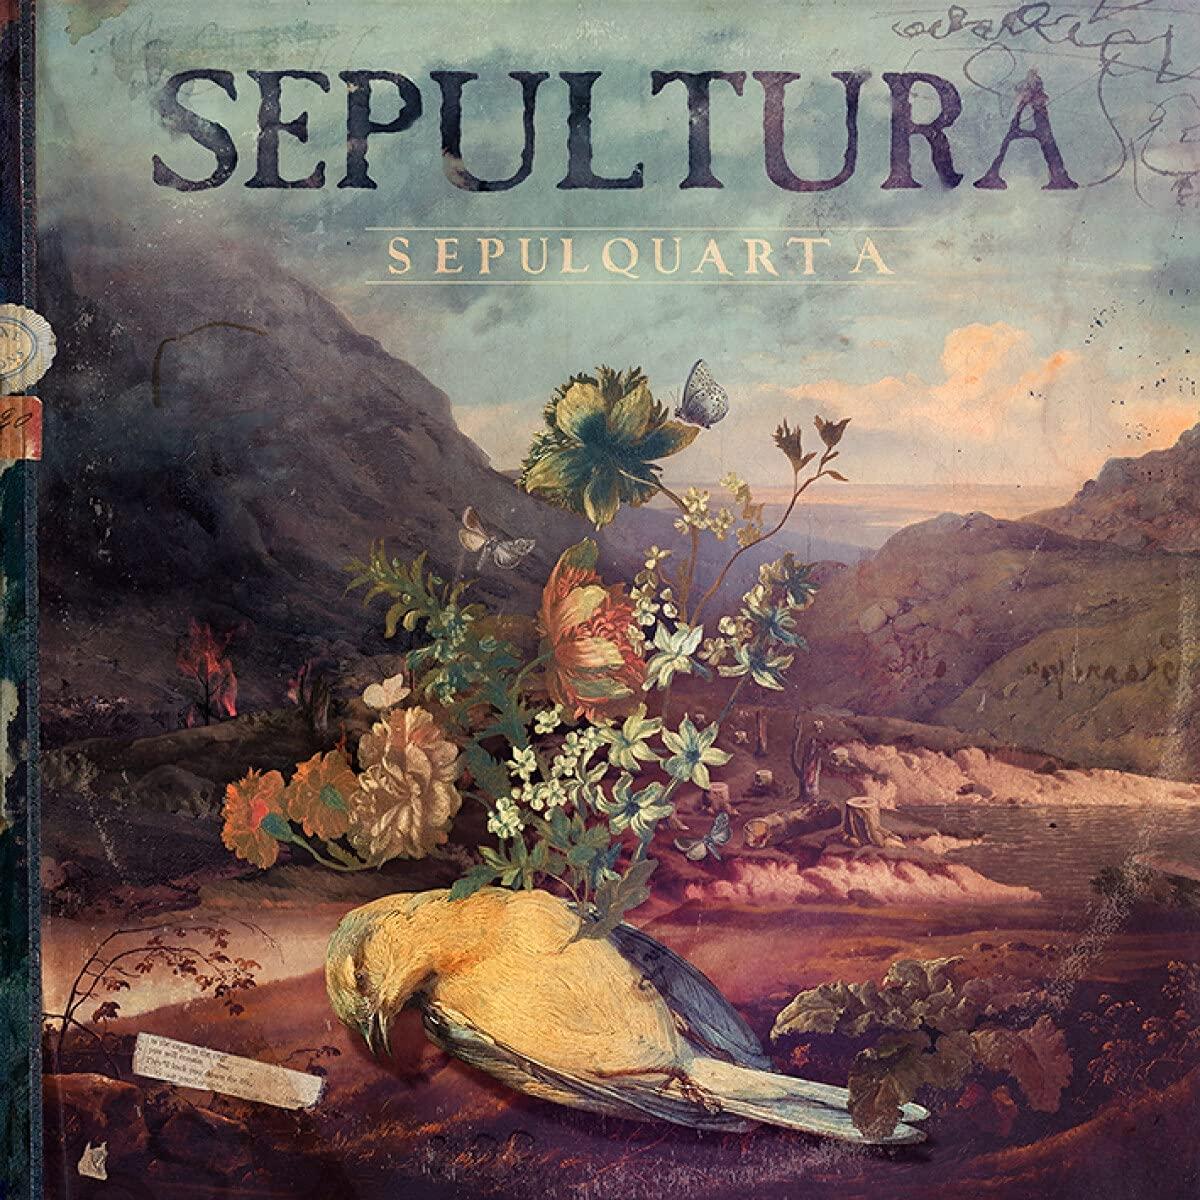 Sepultura – SepulQuarta (2021) [FLAC]